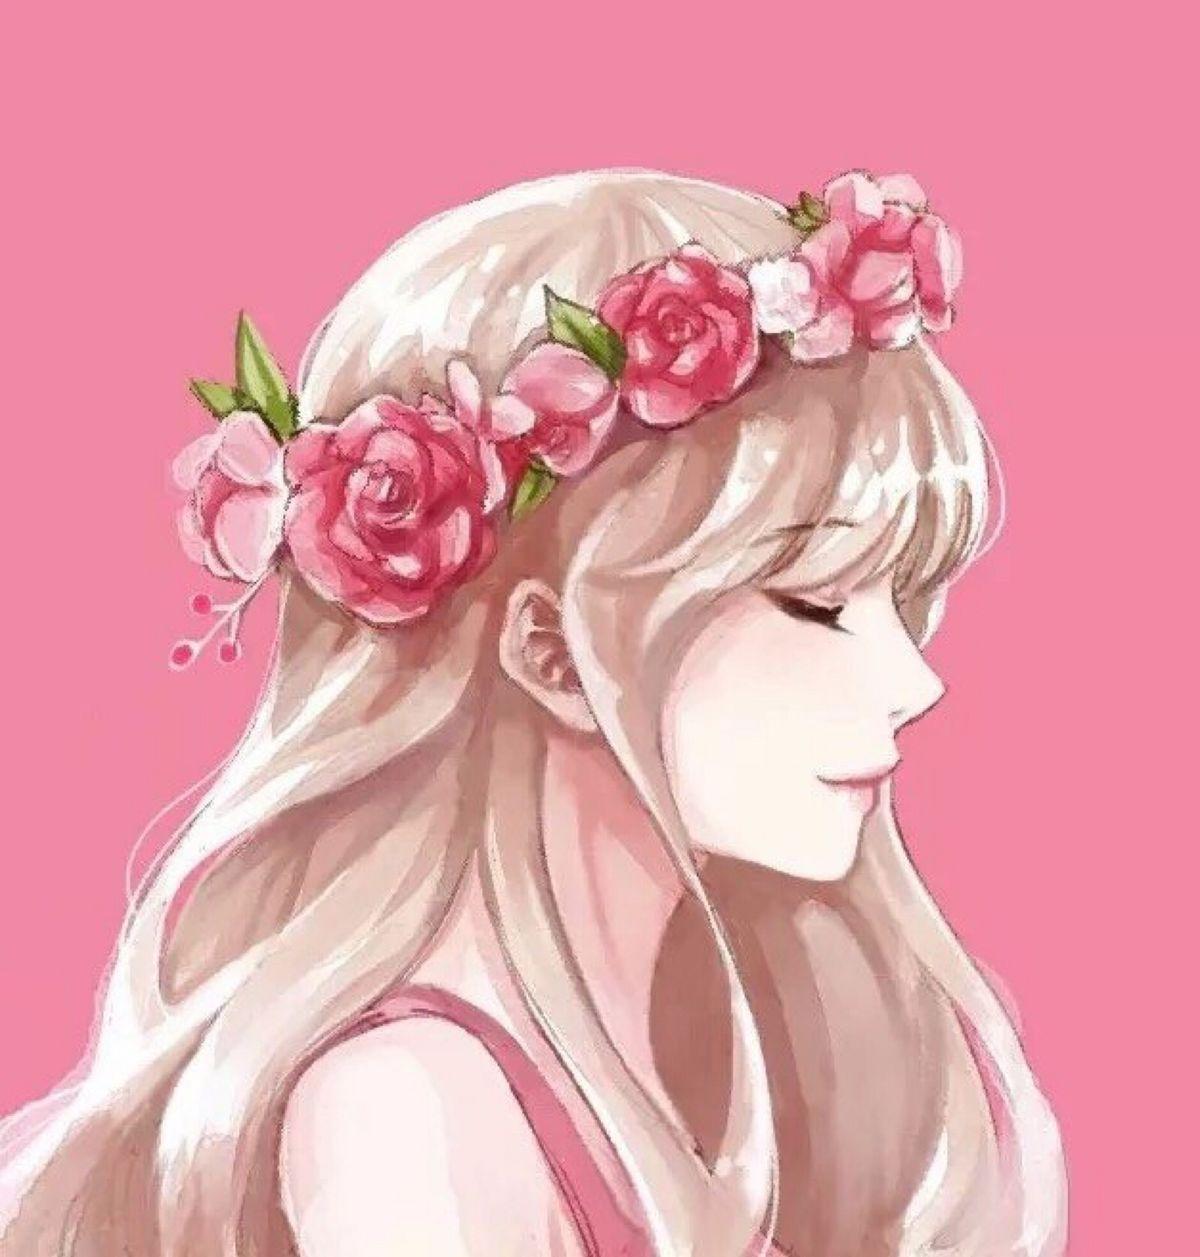 {title} (Dengan gambar) Lukisan wajah, Seni anime, Gadis